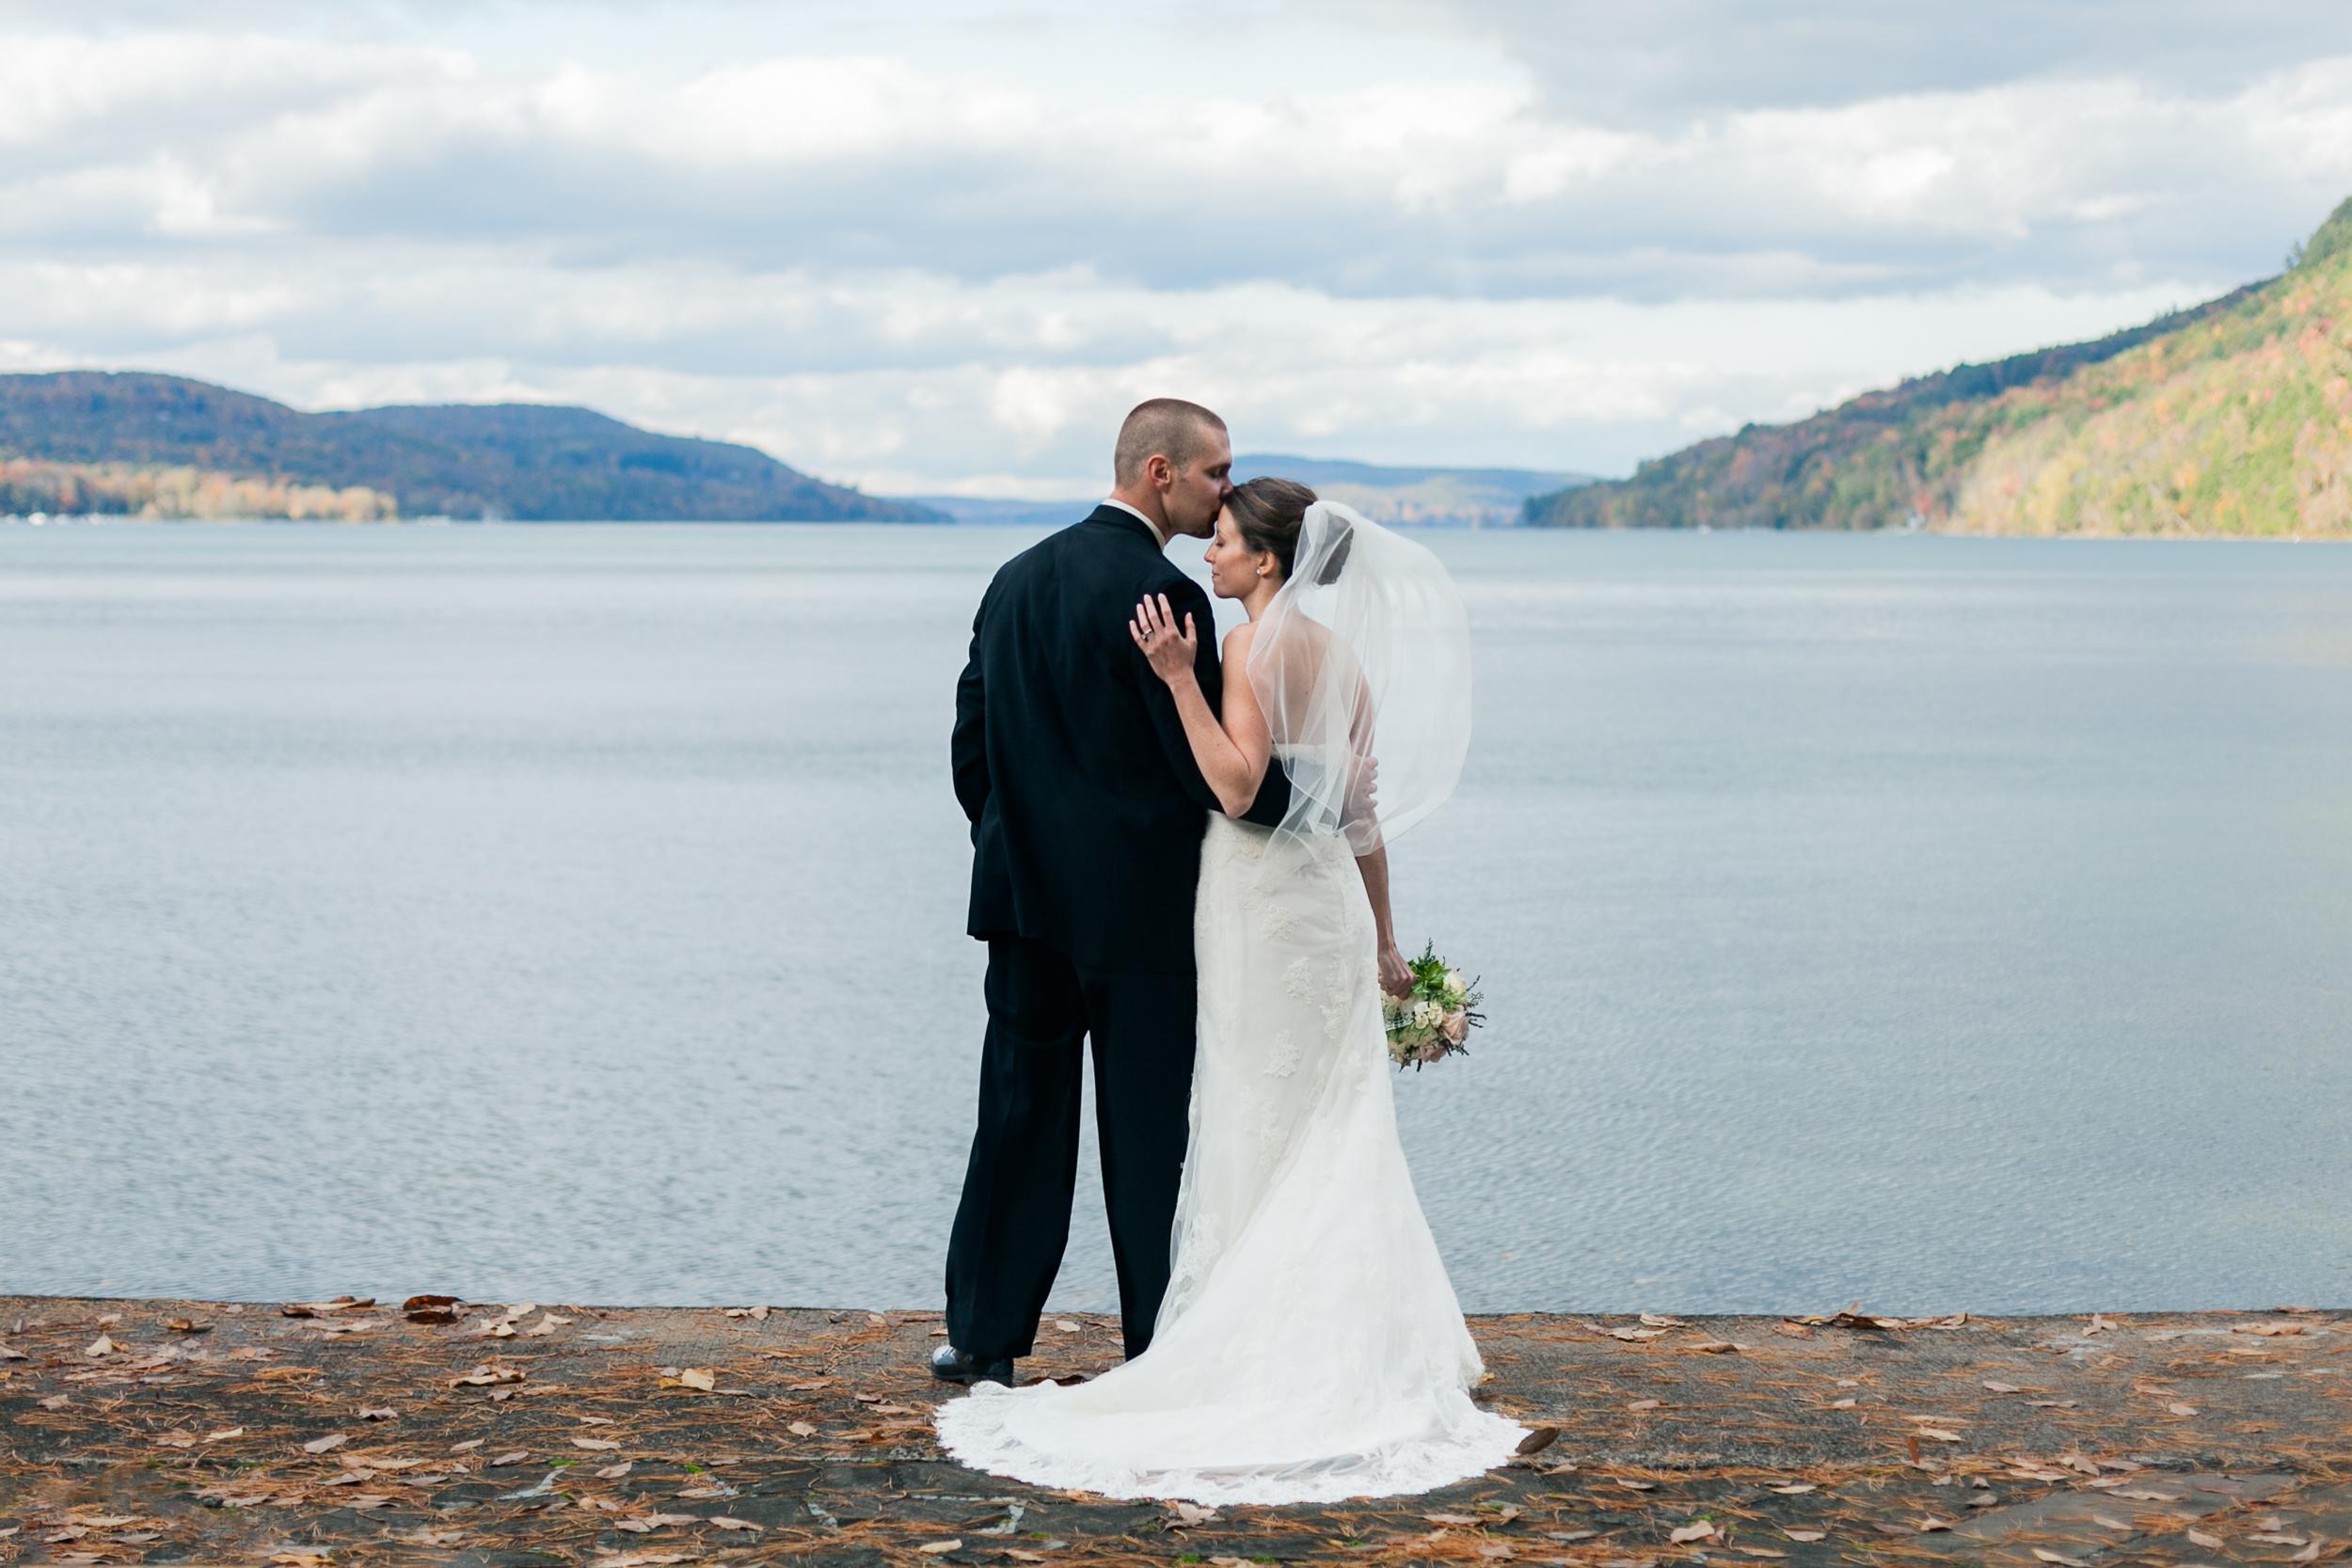 KarliCadel-Wedding-BrittanyJake-004.jpg